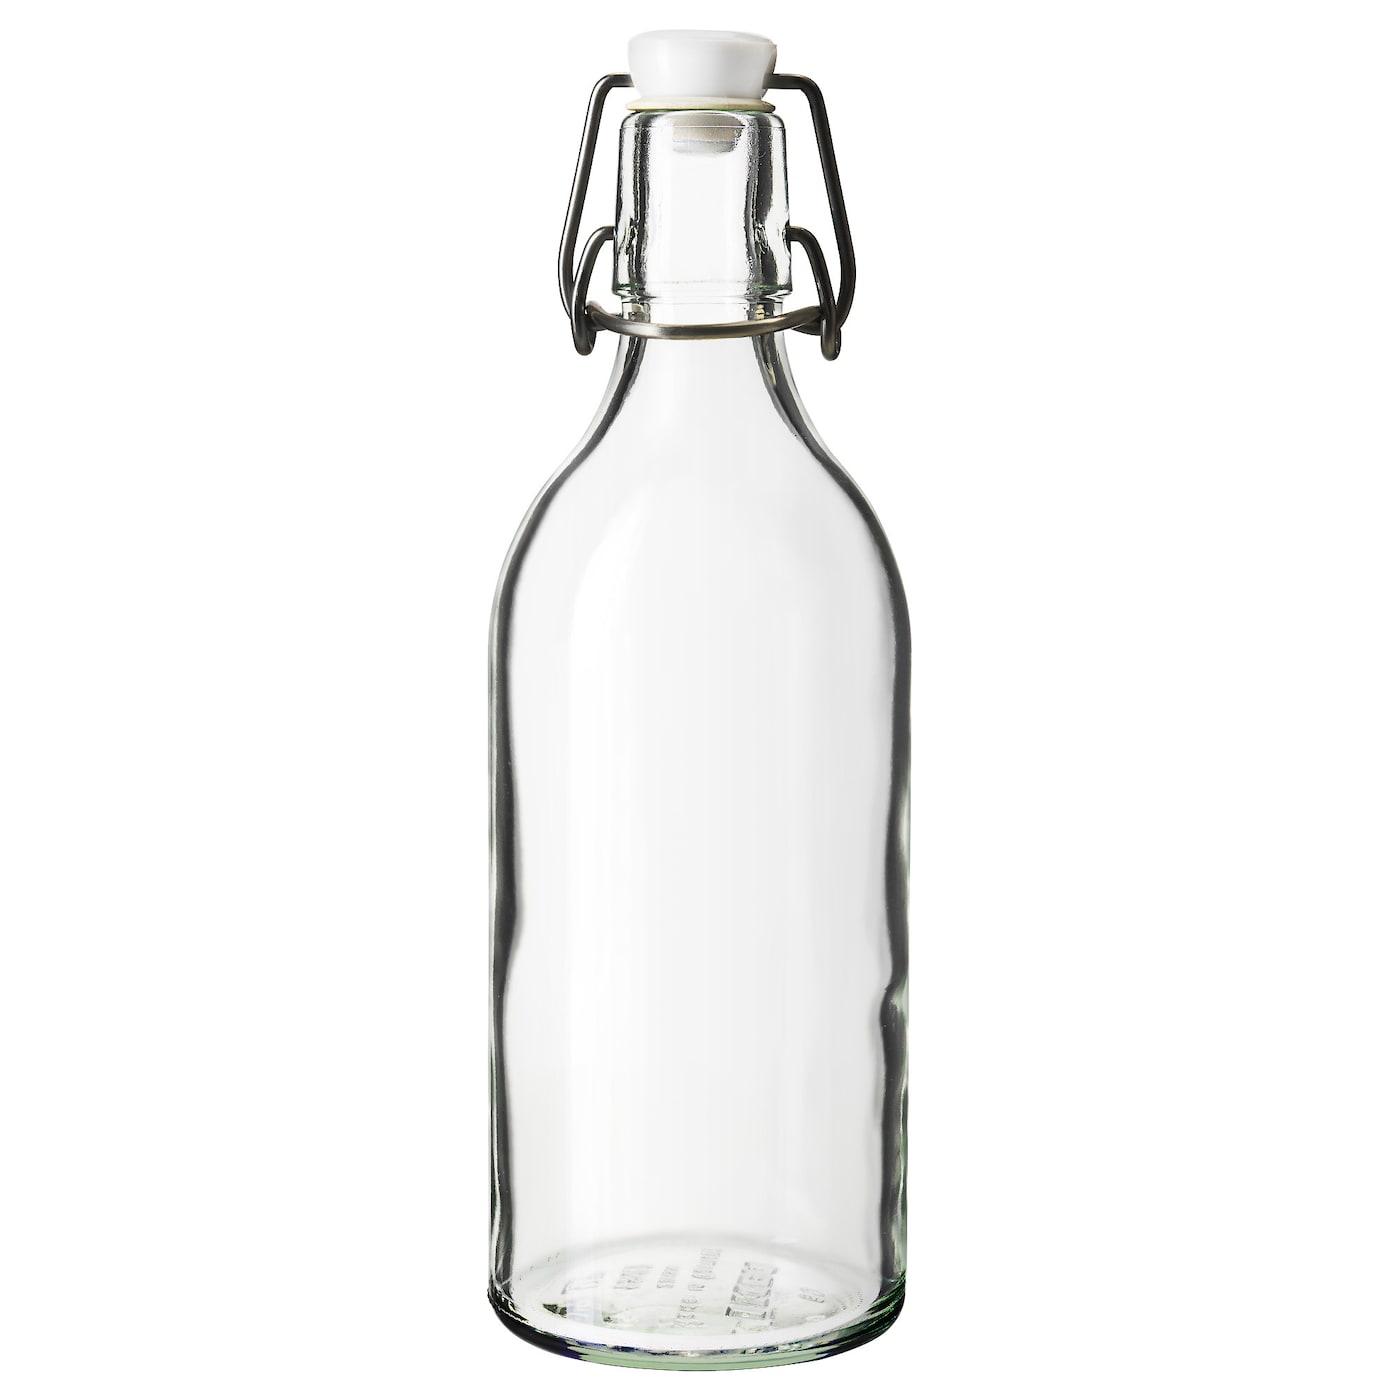 Bouteille En Verre Ikea : korken bouteille avec bouchon verre transparent 0 5 l ikea ~ Teatrodelosmanantiales.com Idées de Décoration